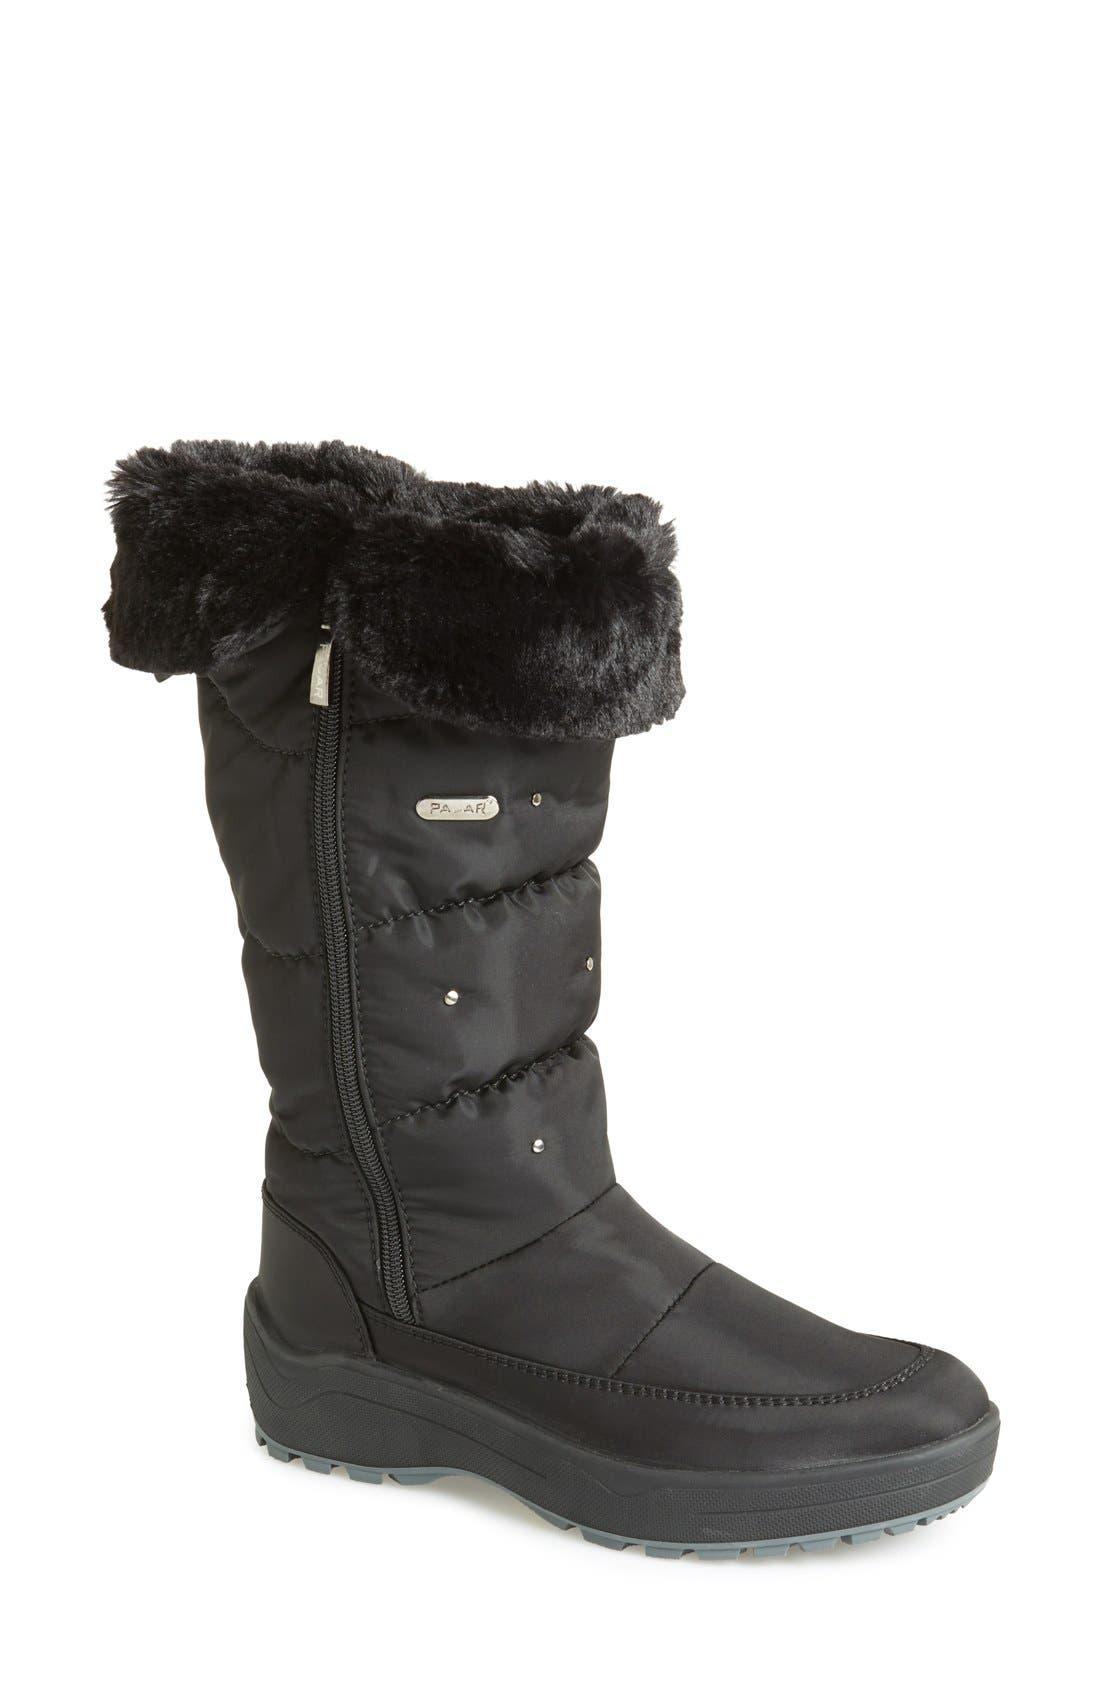 Alternate Image 1 Selected - Pajar 'Varsovie 2' Waterproof Boot (Women)